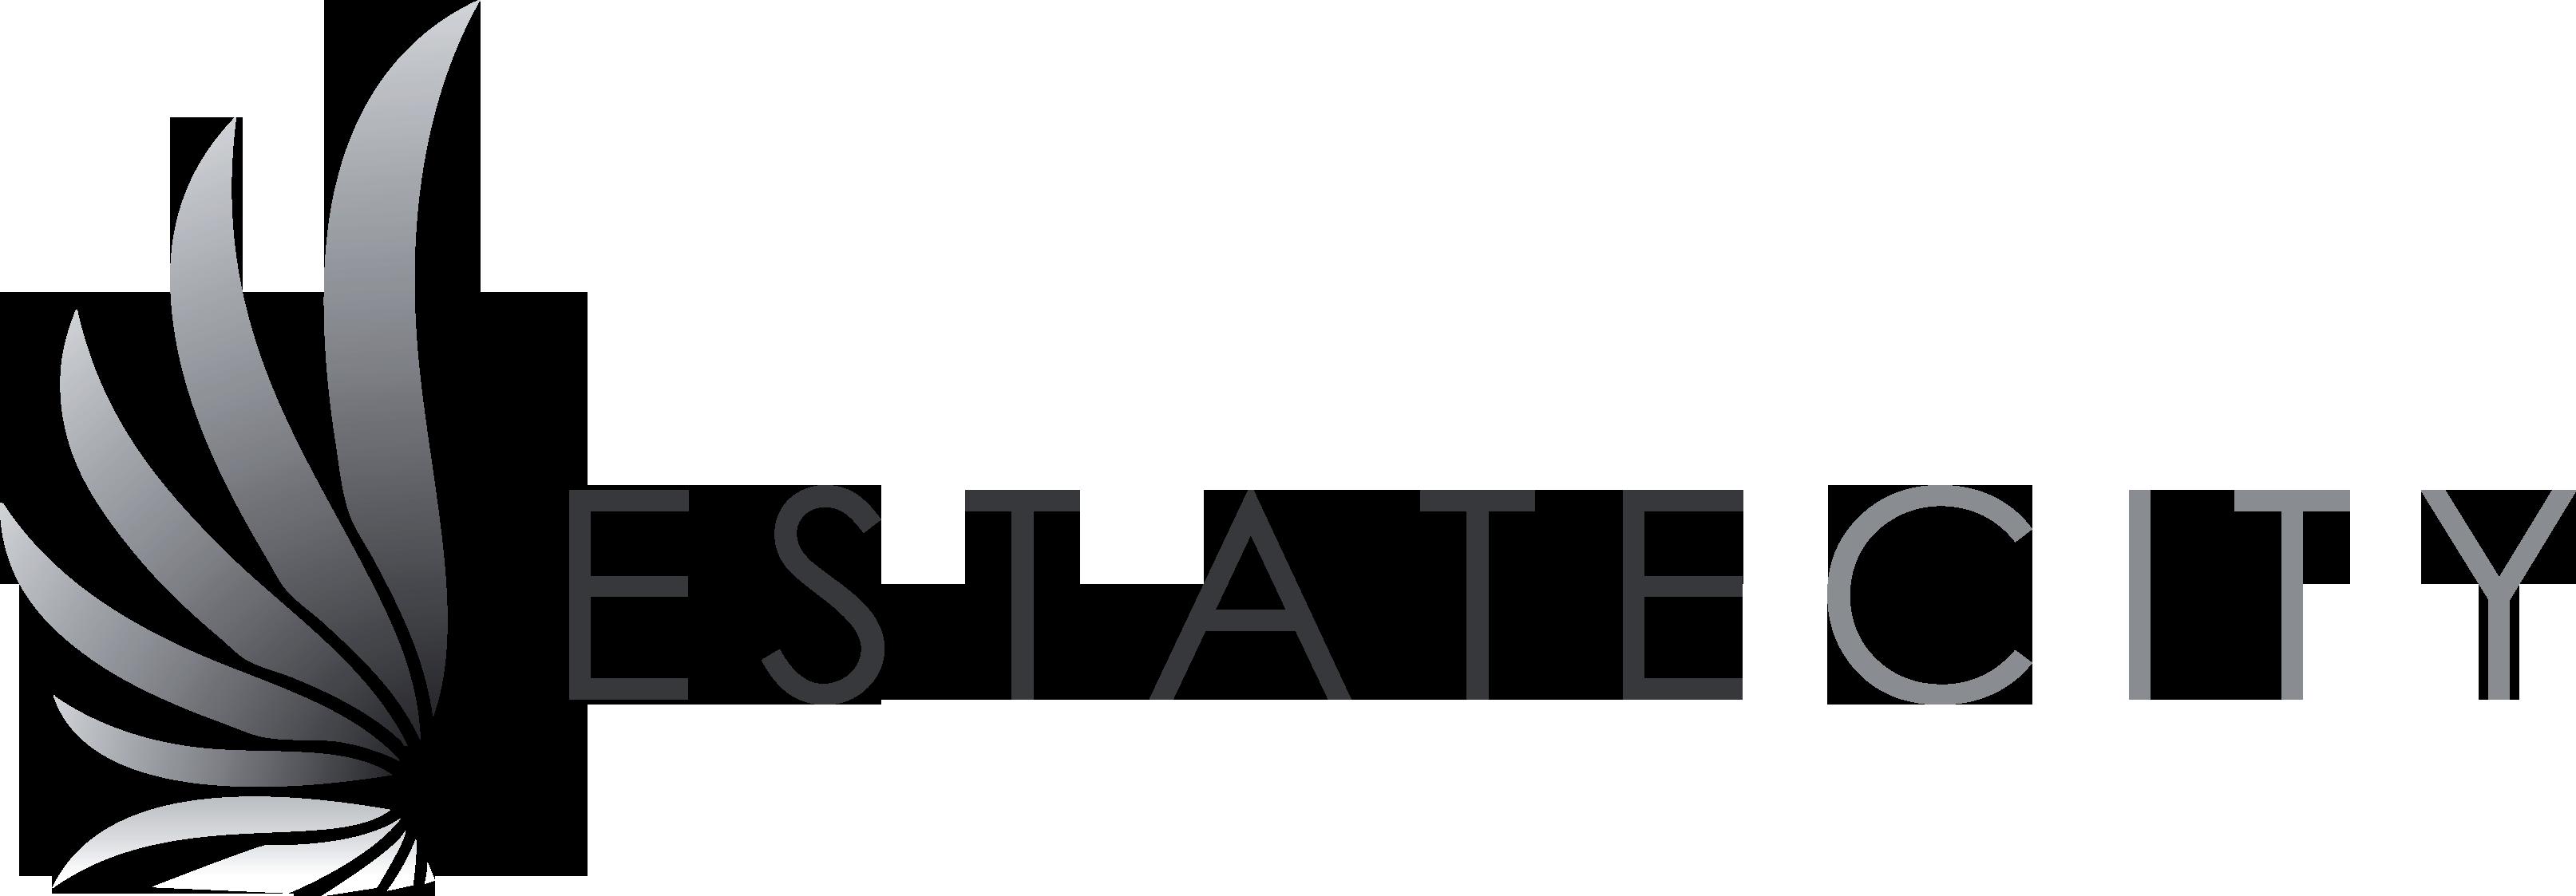 EstateCity   Real Estate & Investment